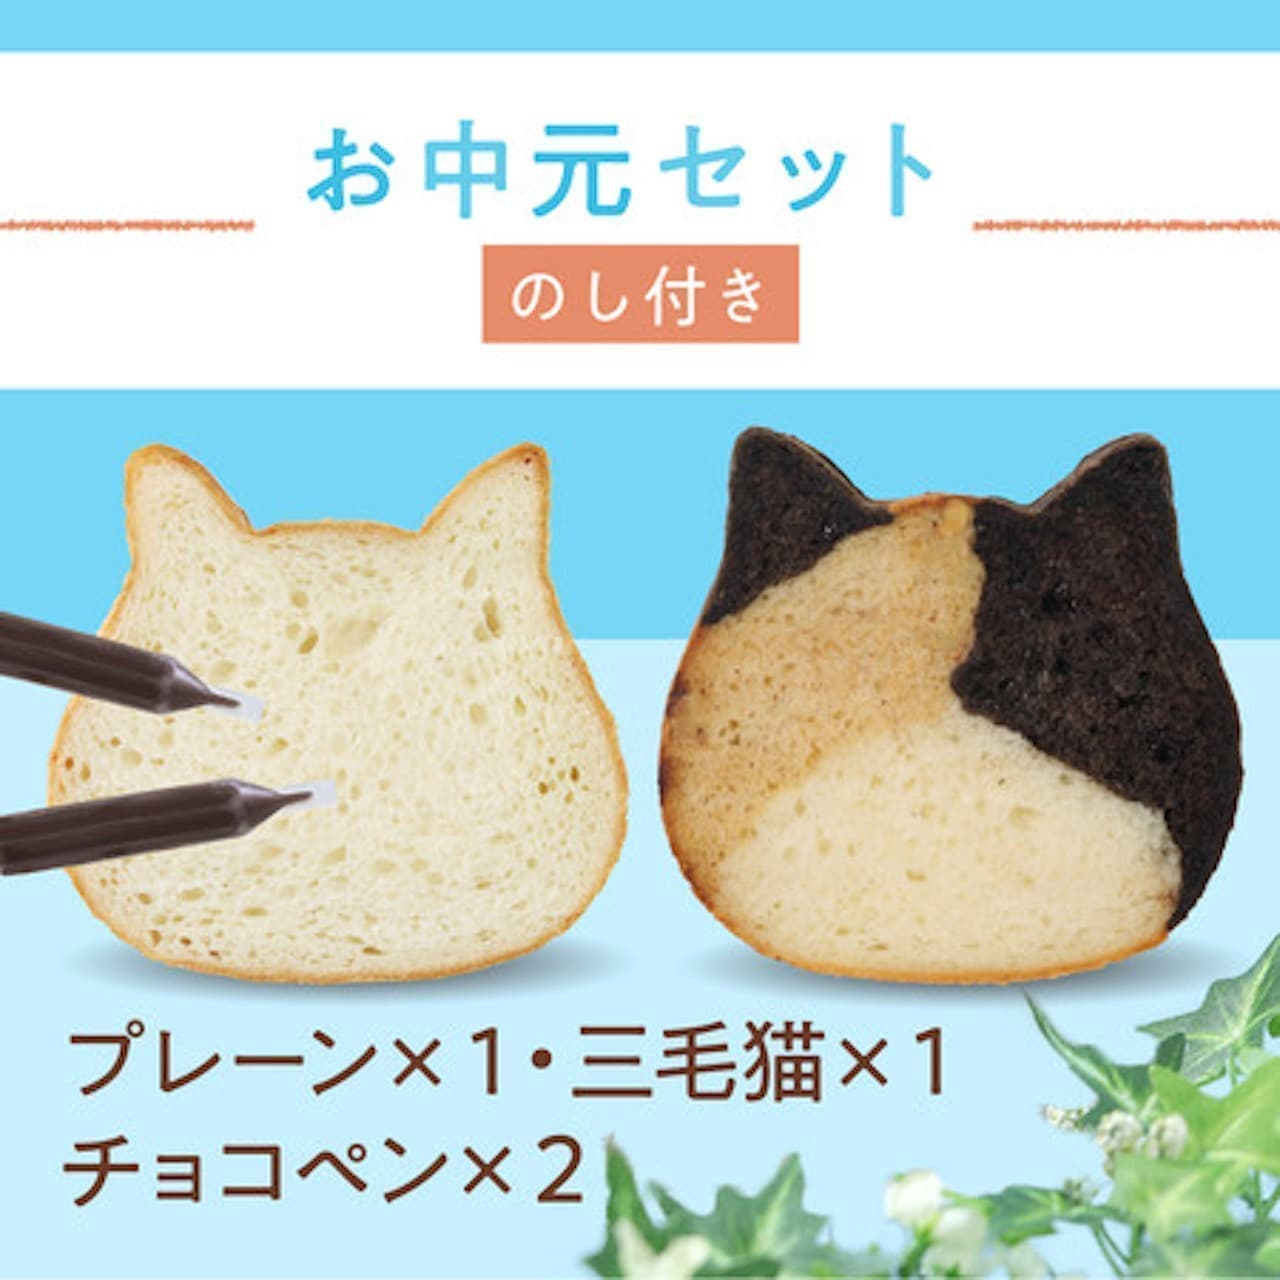 【お中元/のし付き】ねこねこ食パン(プレーン&チョコ)